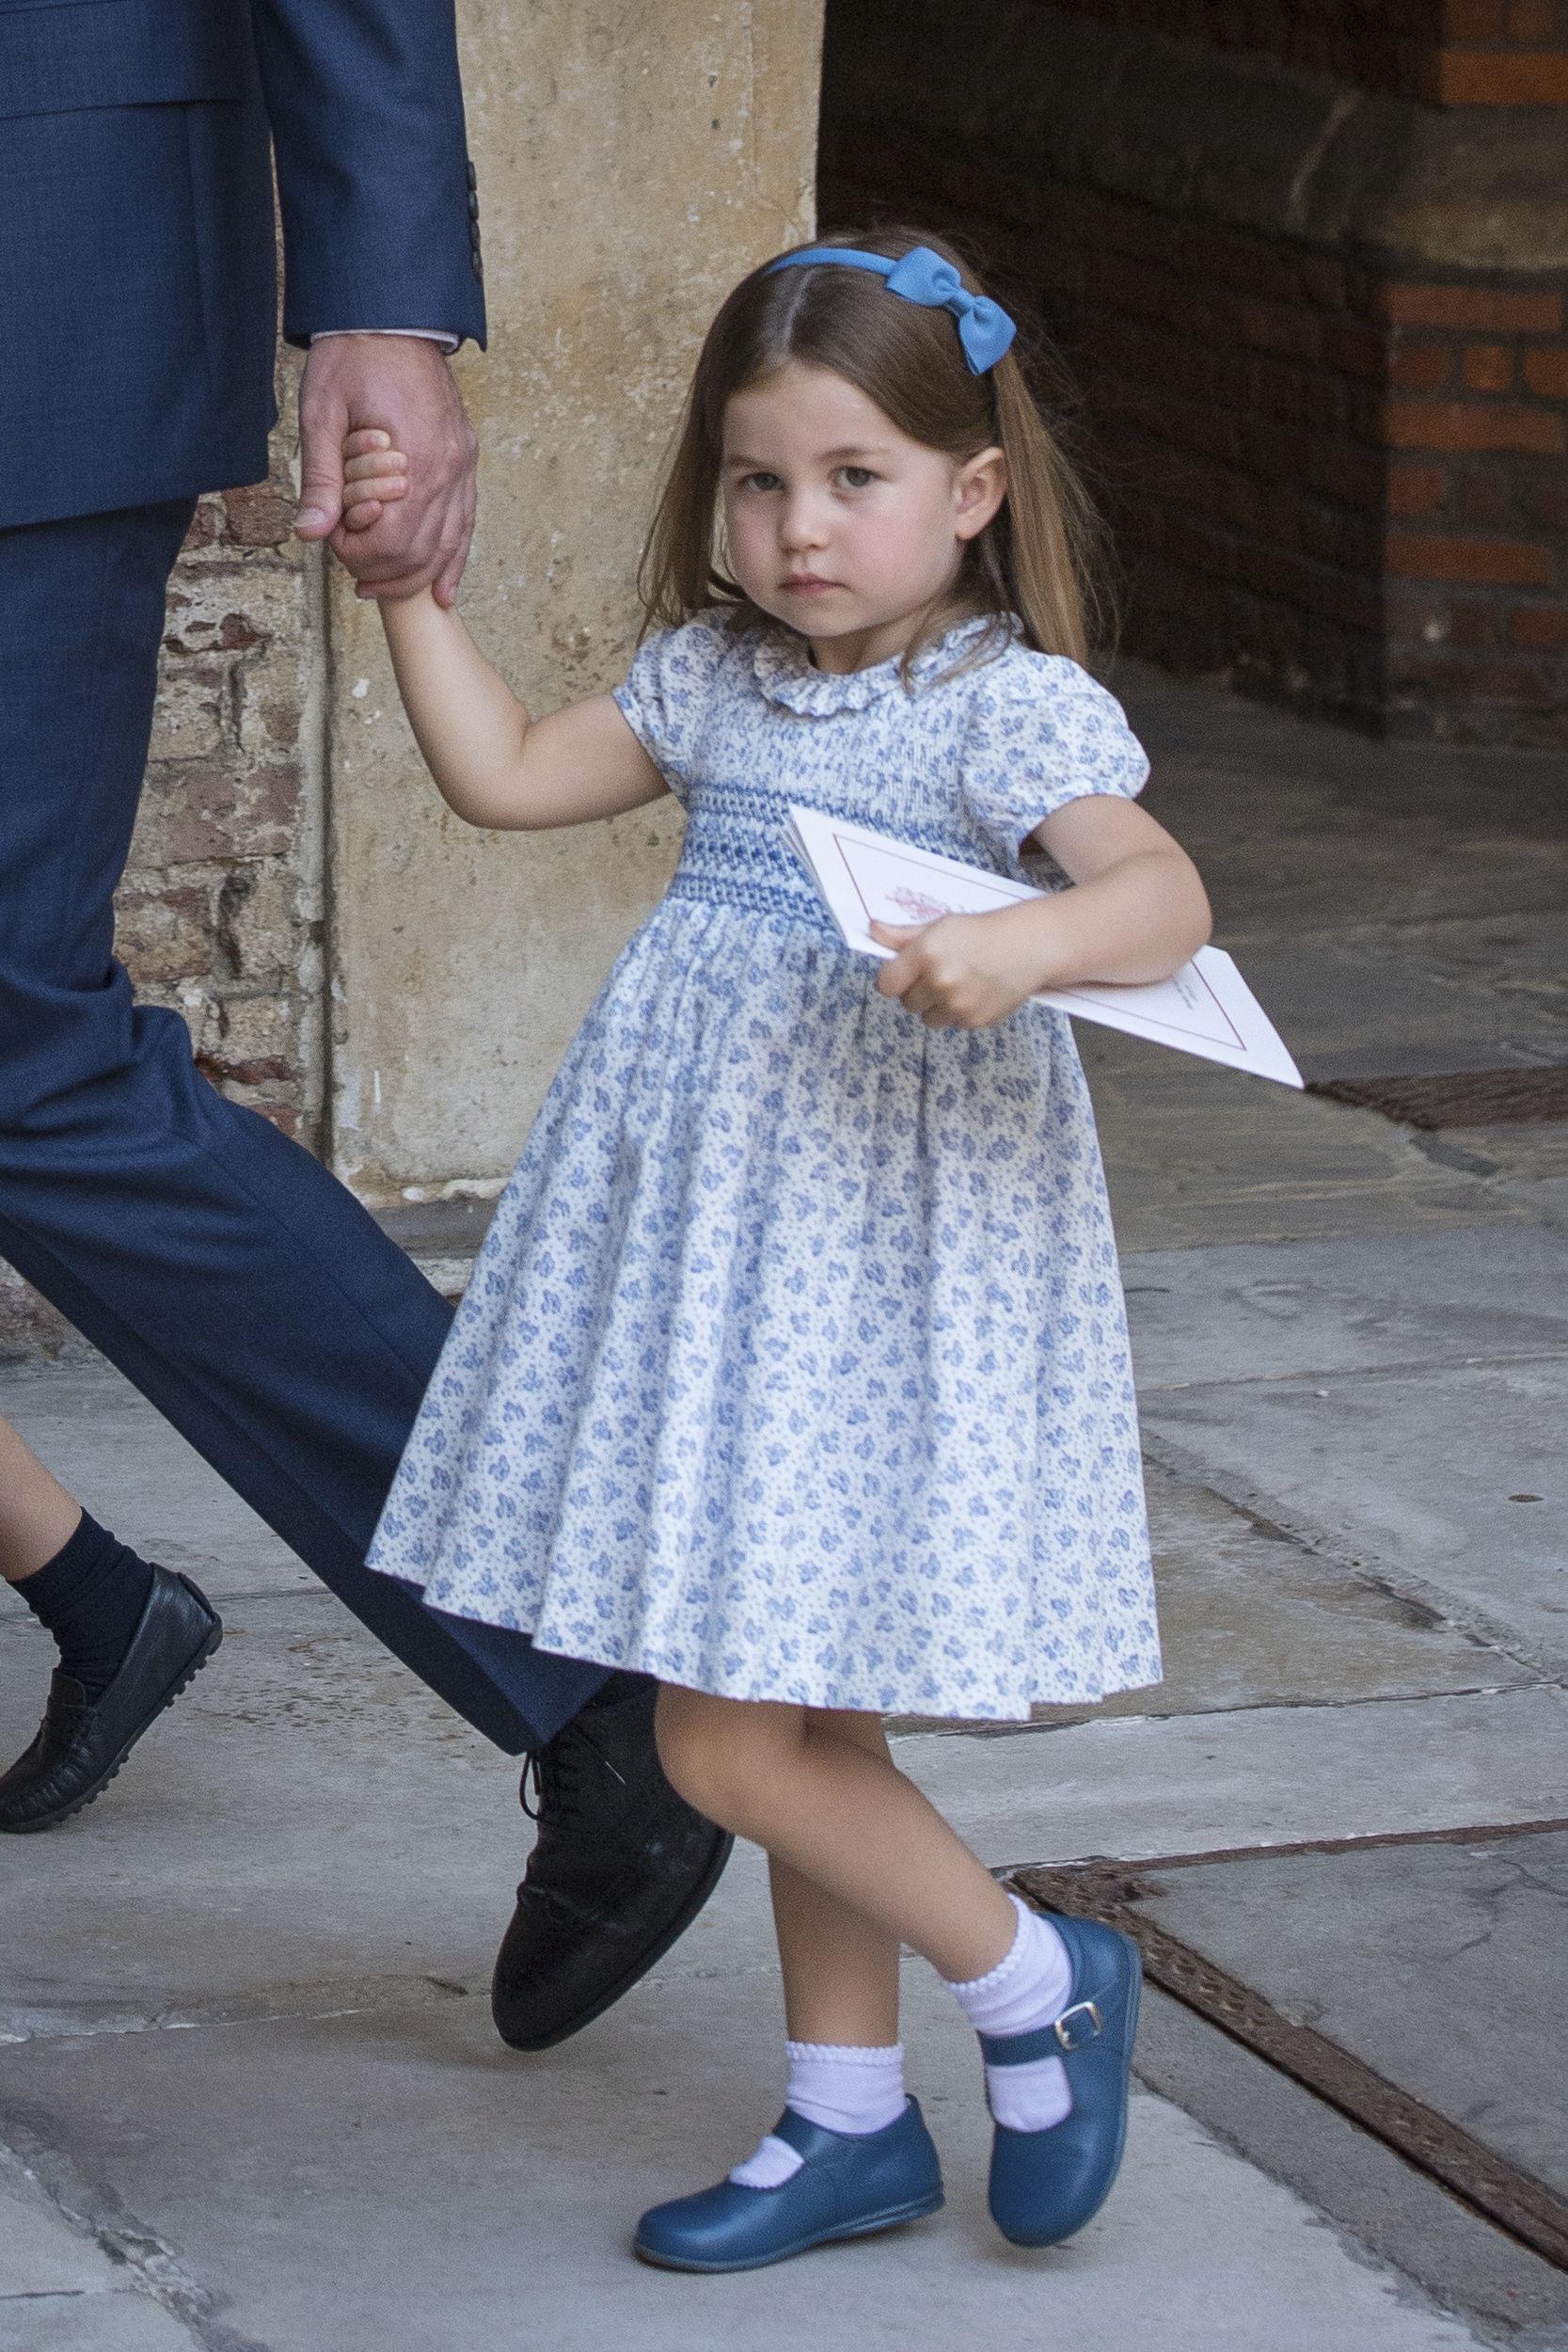 Princess Charlotte. Credit: PA